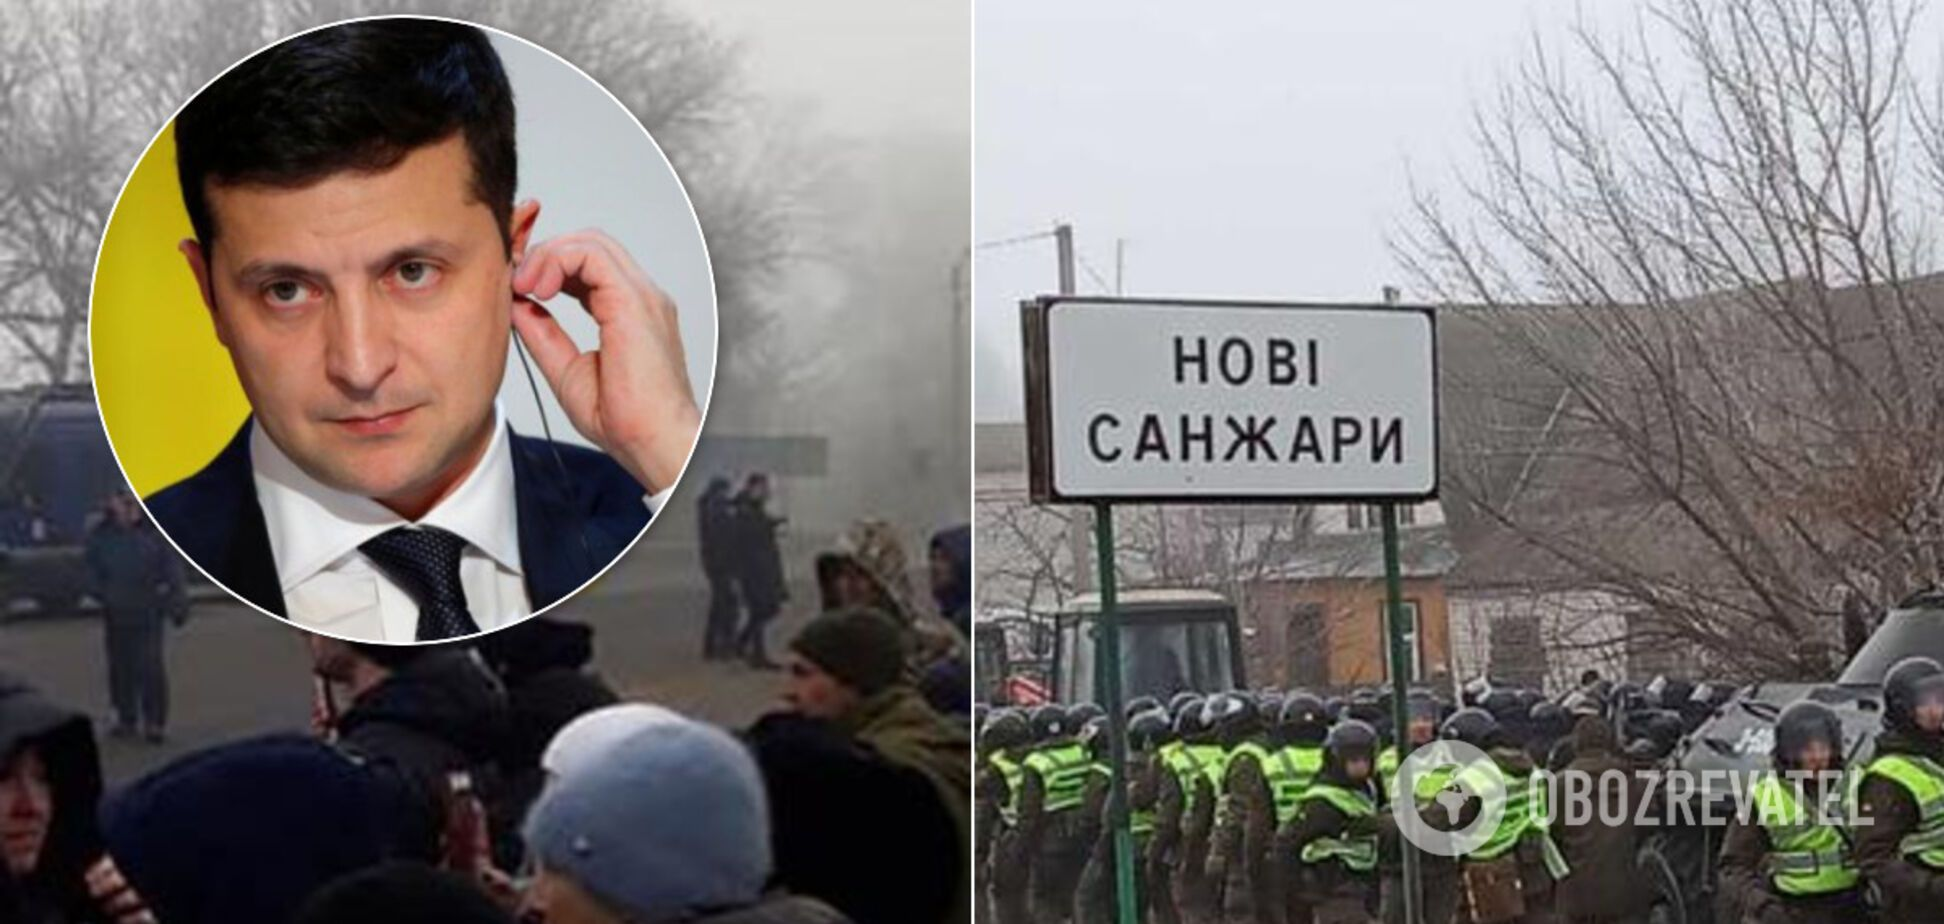 'Небезпечніший за війну і обстріли'? Психологиня пояснила істерику українців через коронавірус